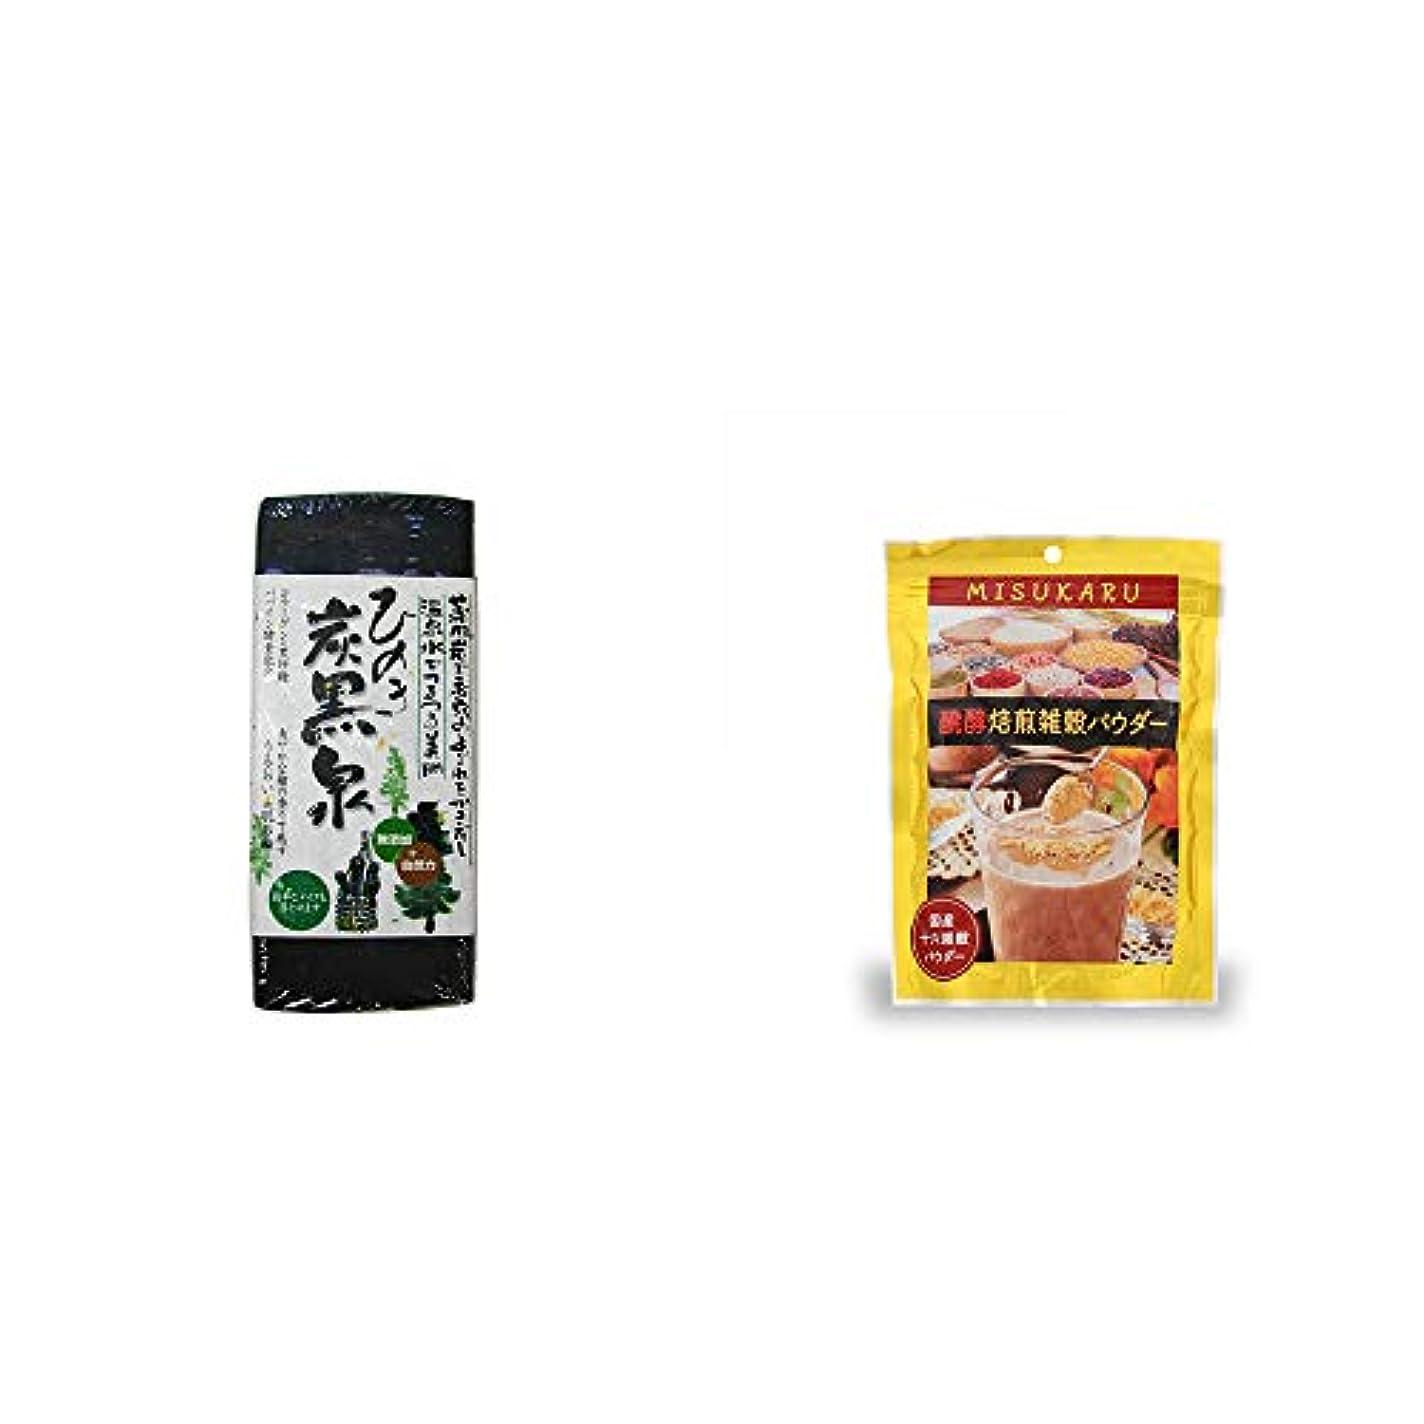 受粉者タイヤセンチメンタル[2点セット] ひのき炭黒泉(75g×2)?醗酵焙煎雑穀パウダー MISUKARU(ミスカル)(200g)